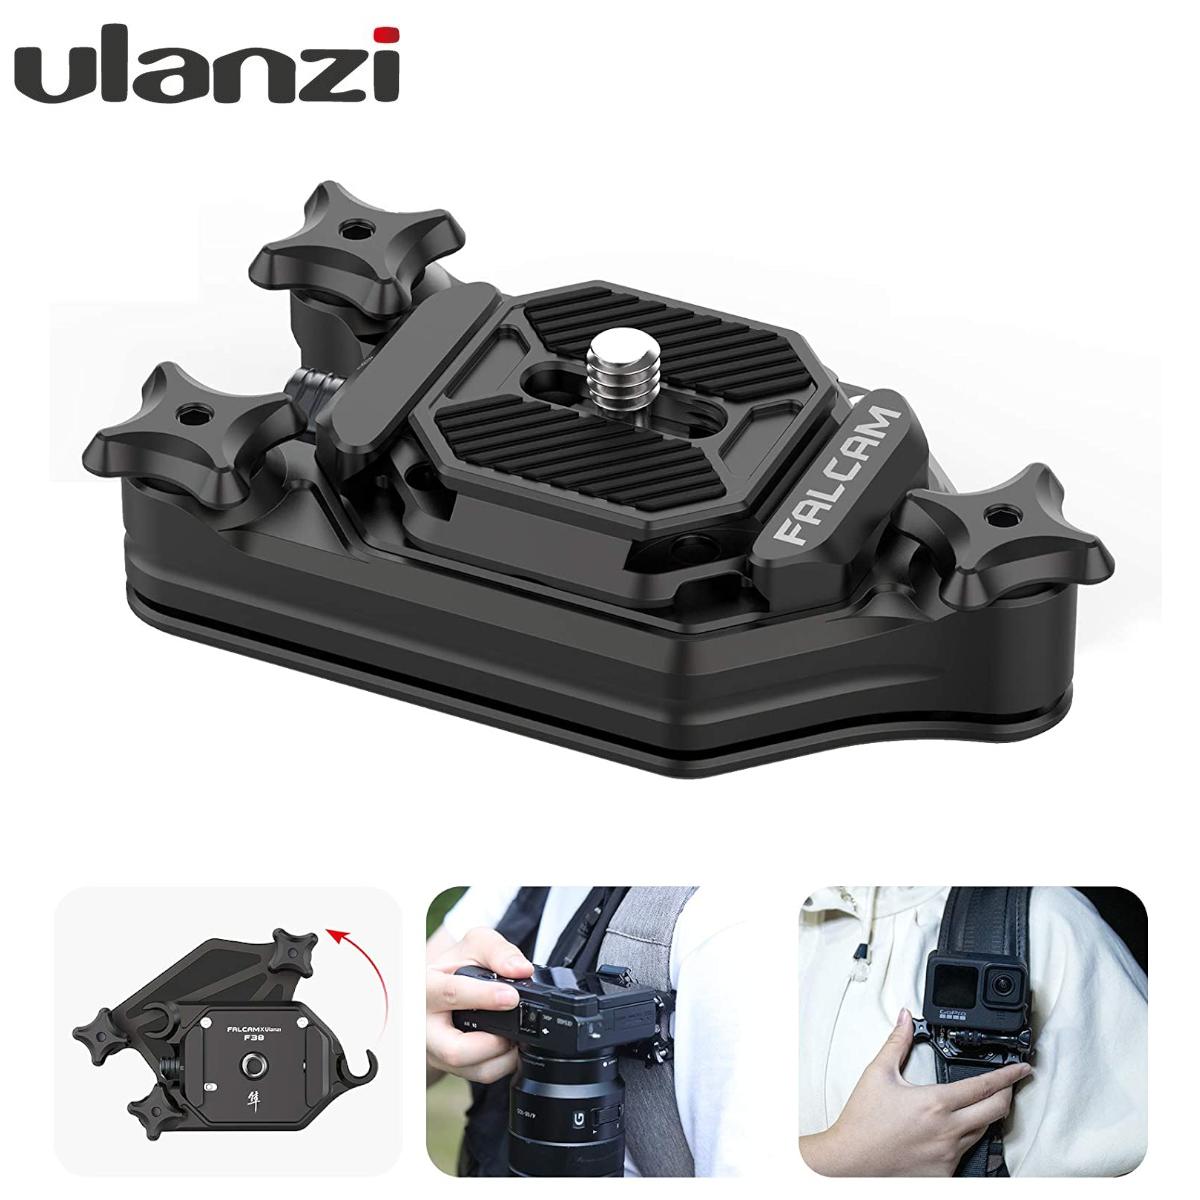 全国送料無料 即日発送 Ulanzi カメラホルスター カメラホルダー バックパッククリップ Arca-Swiss規格1 国内在庫 4ネジプレートクイックリリースクランプ 簡単脱着 ウエストクリップ 上質 リュッククリップ F38-3 SLR 一眼レフDSLR Digital ベルトクリップ アルミ合金製